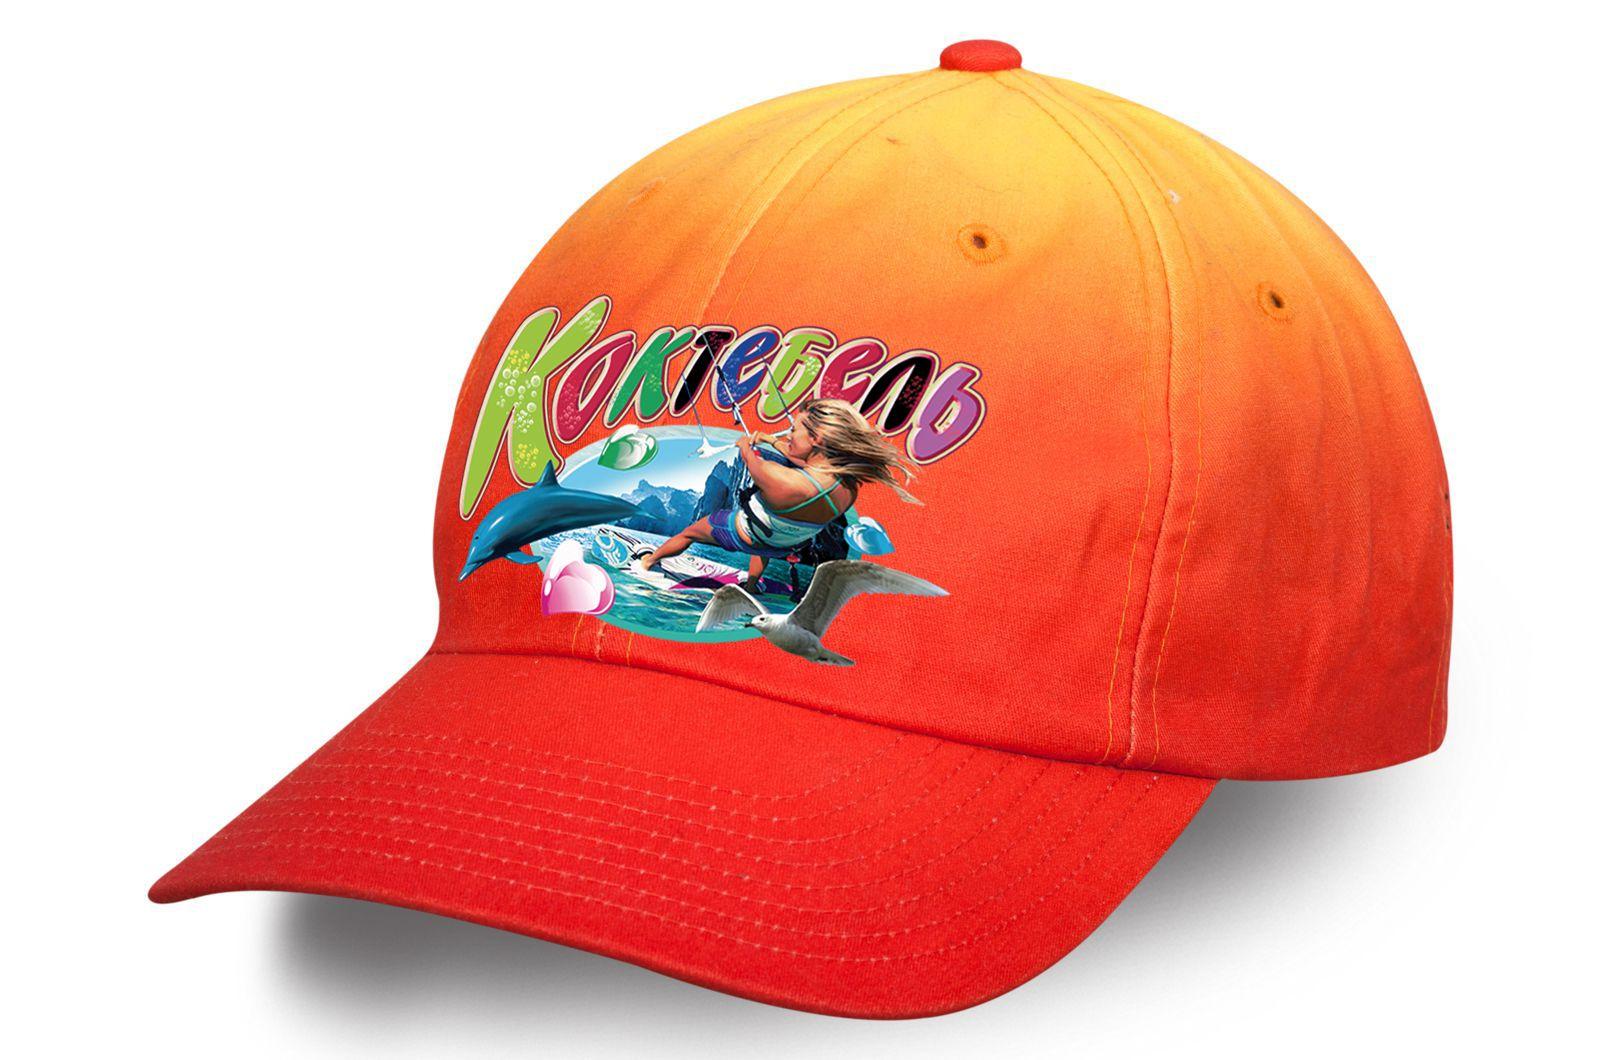 Эксклюзивная кепка для пляжного отдыха в Коктебеле - купить по лучшей цене